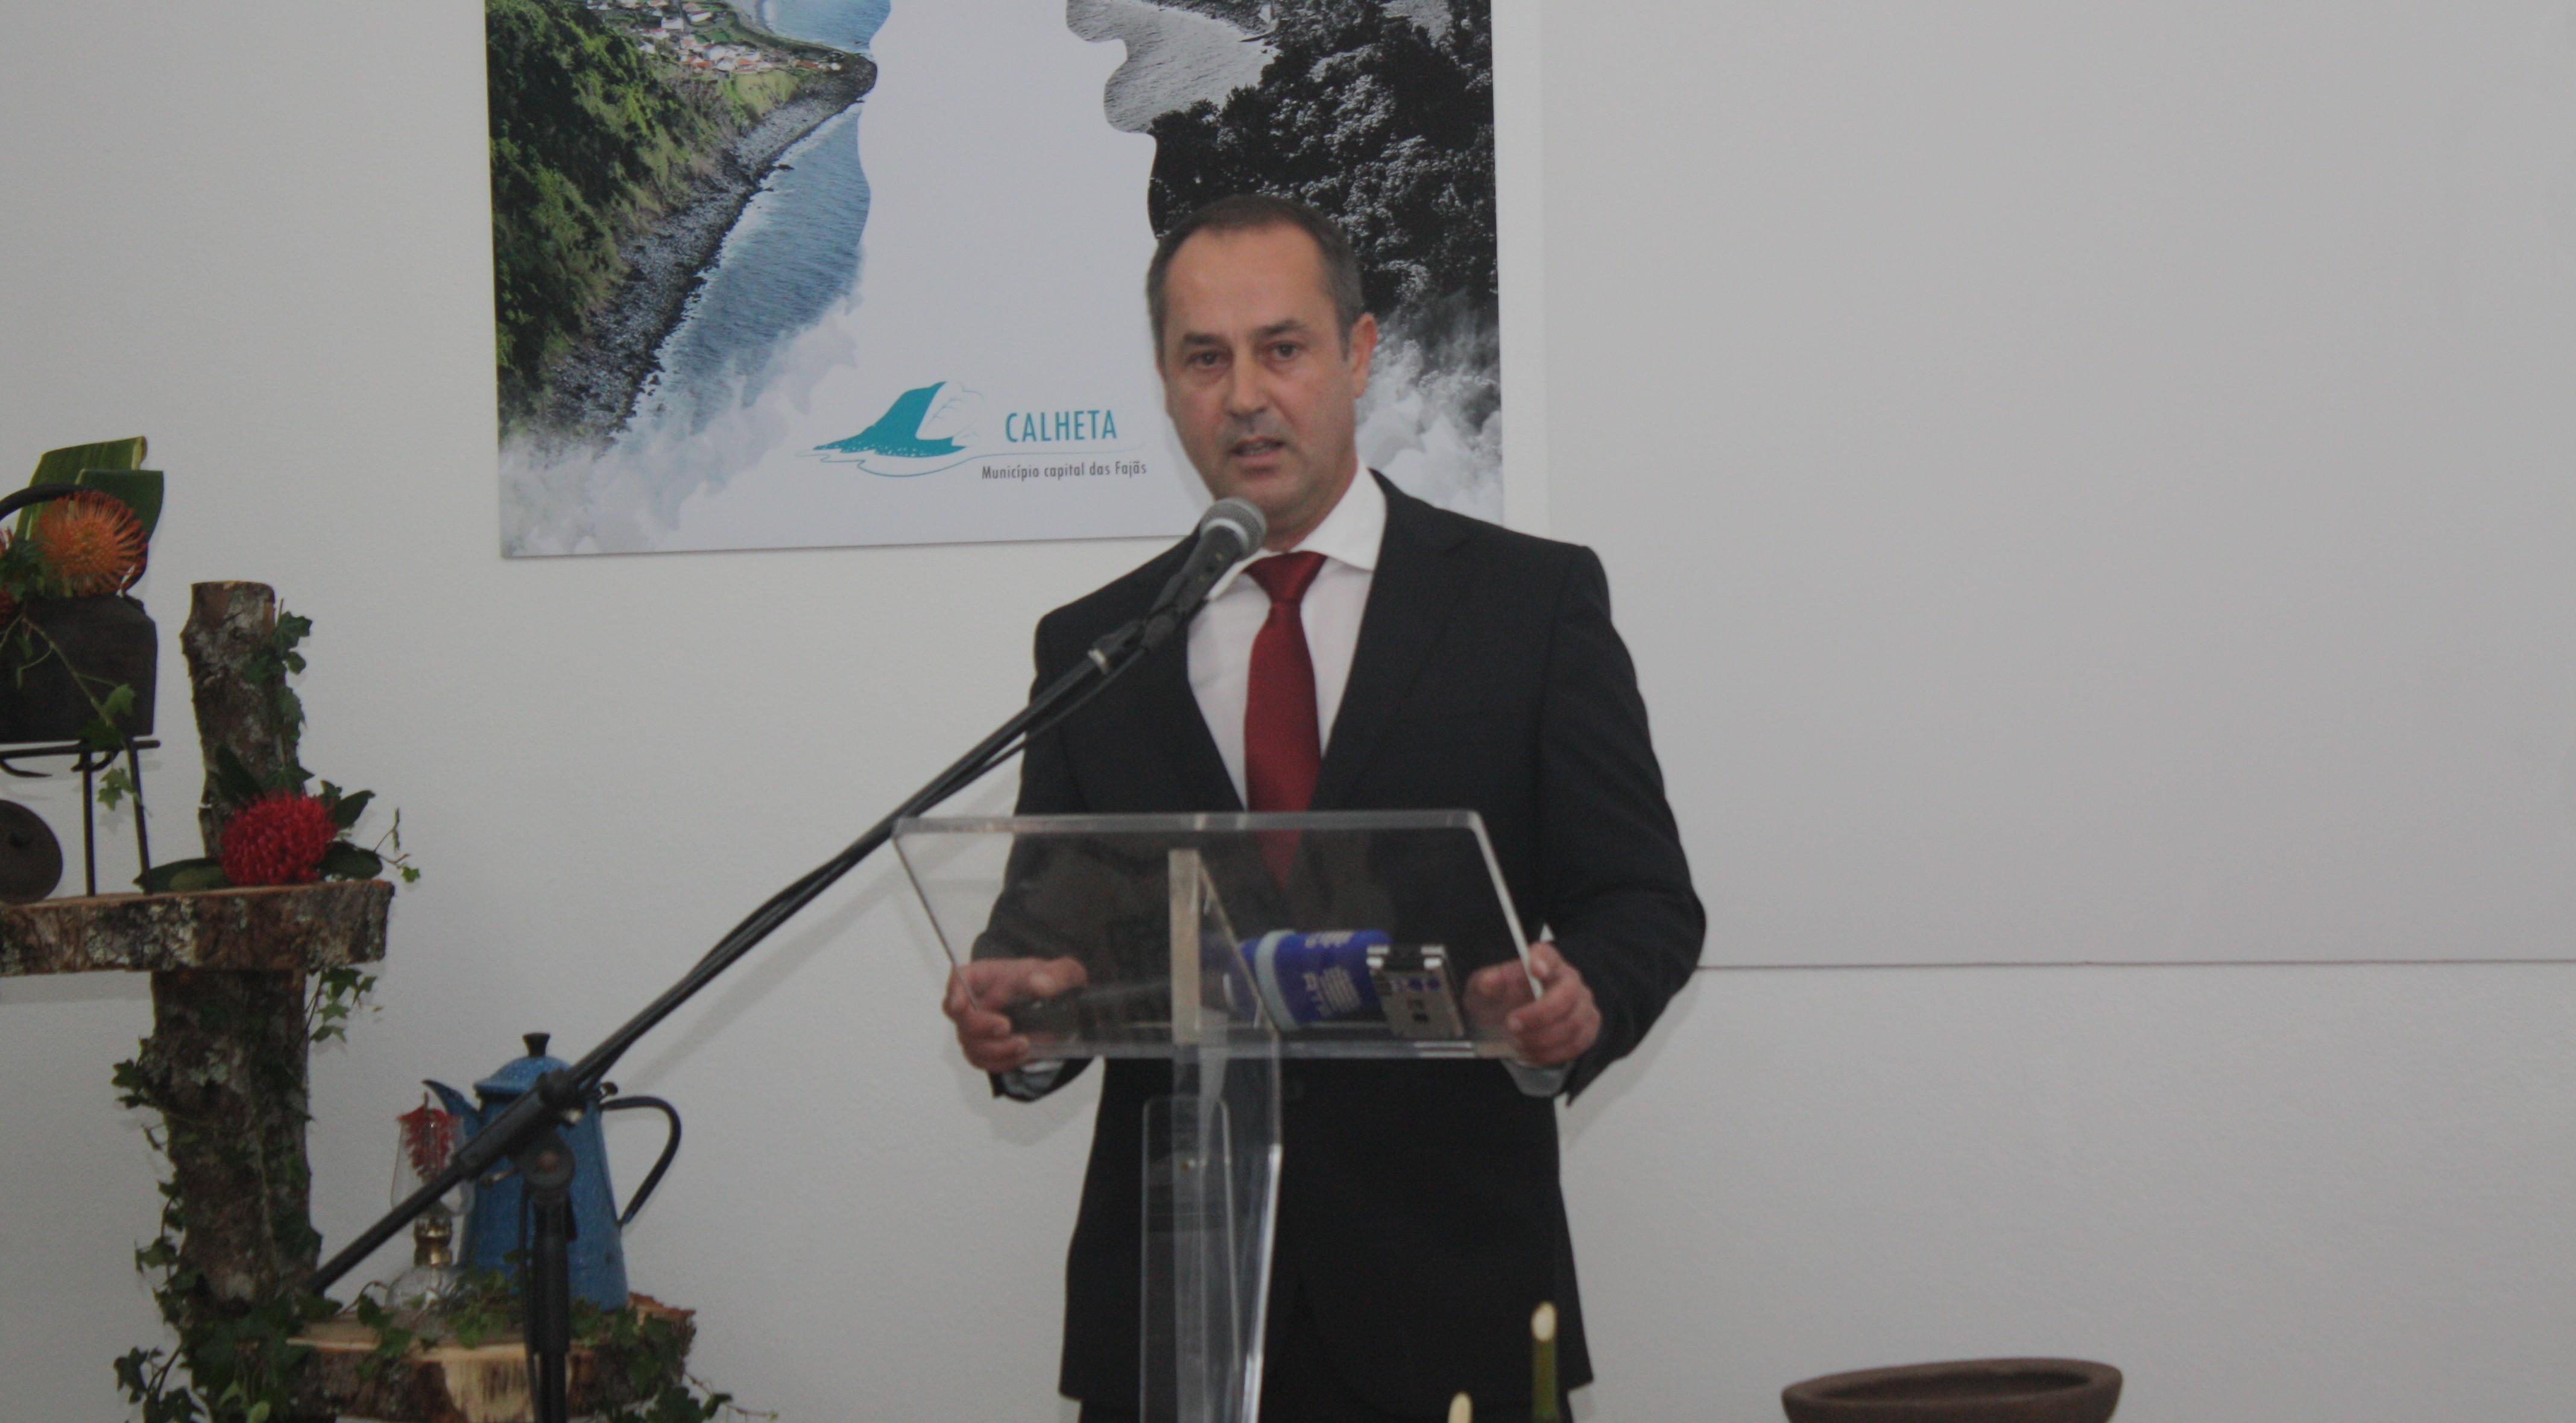 Mensagem de Natal do Presidente da Câmara Municipal da Calheta, Décio Pereira (c/áudio)